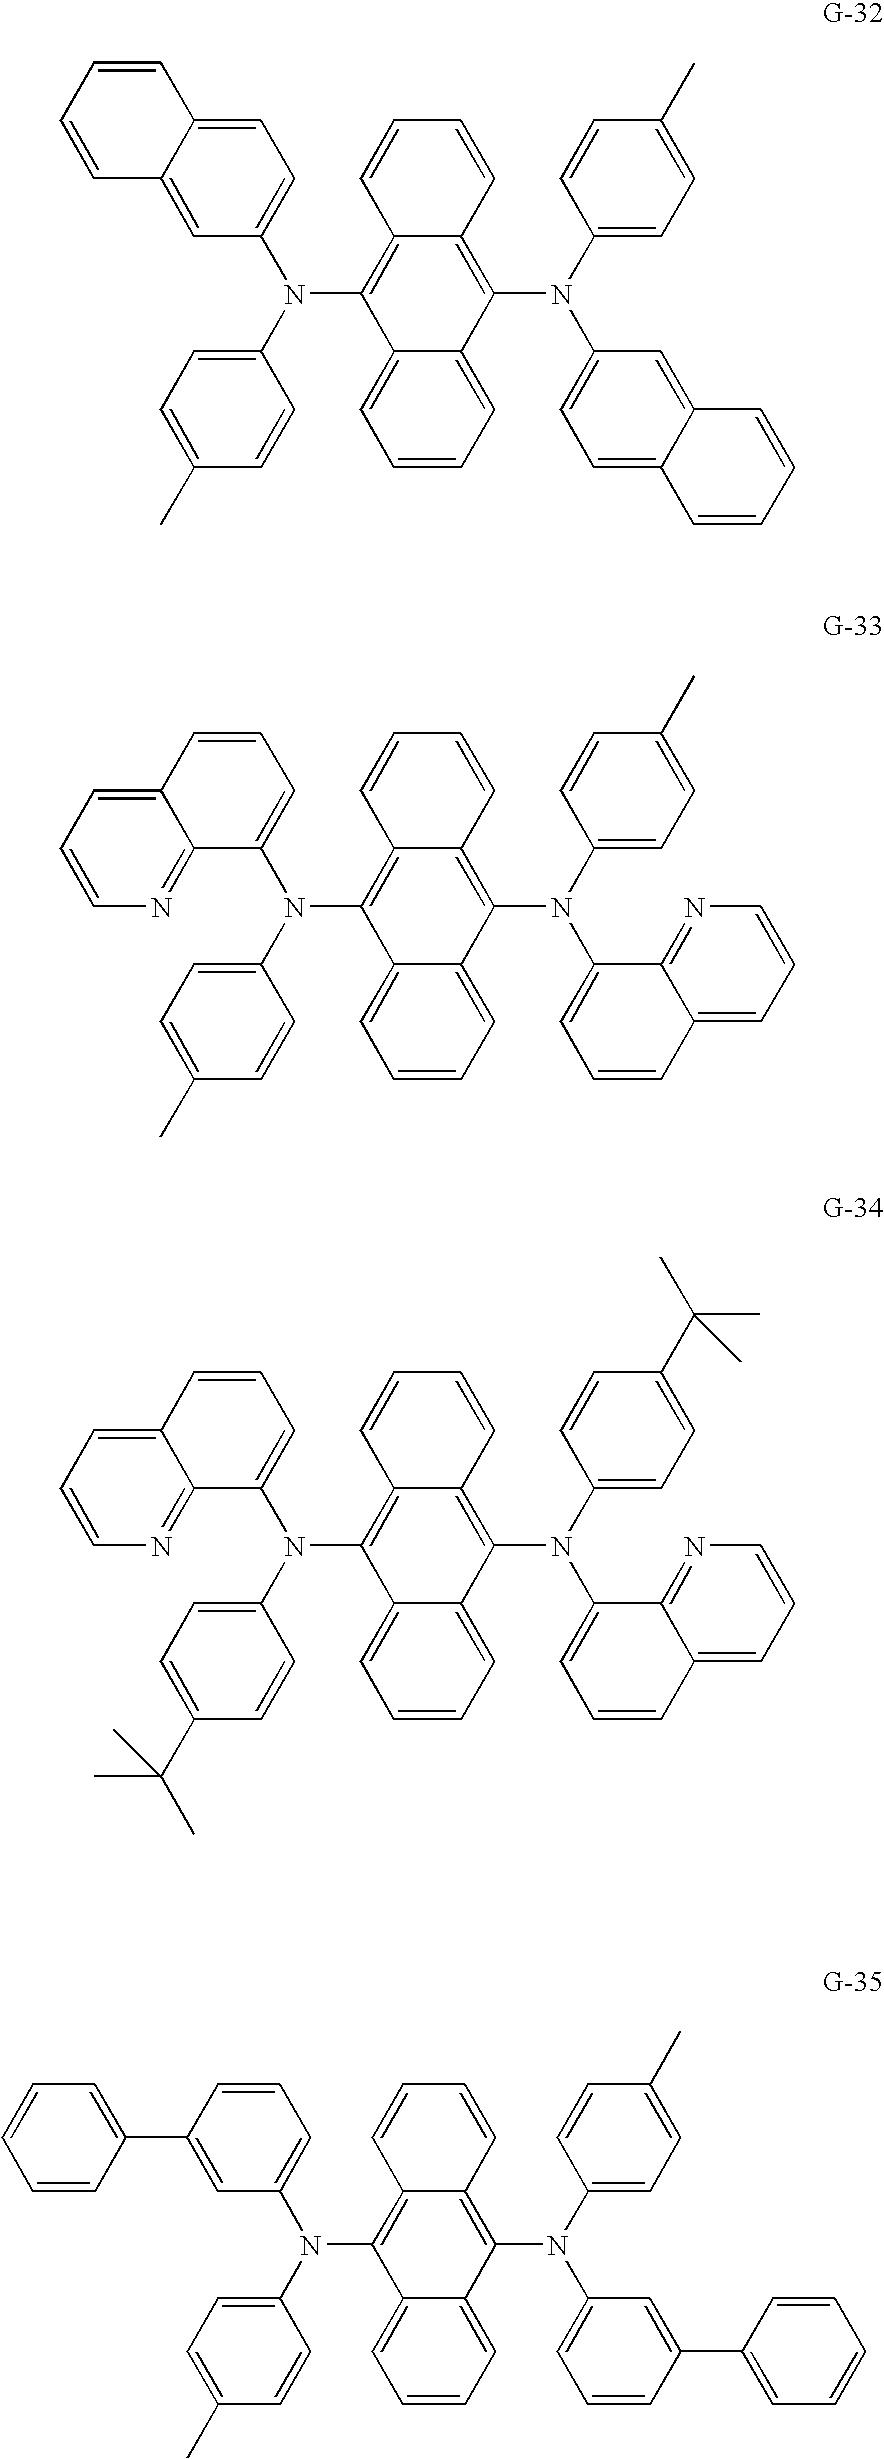 Figure US07651788-20100126-C00020